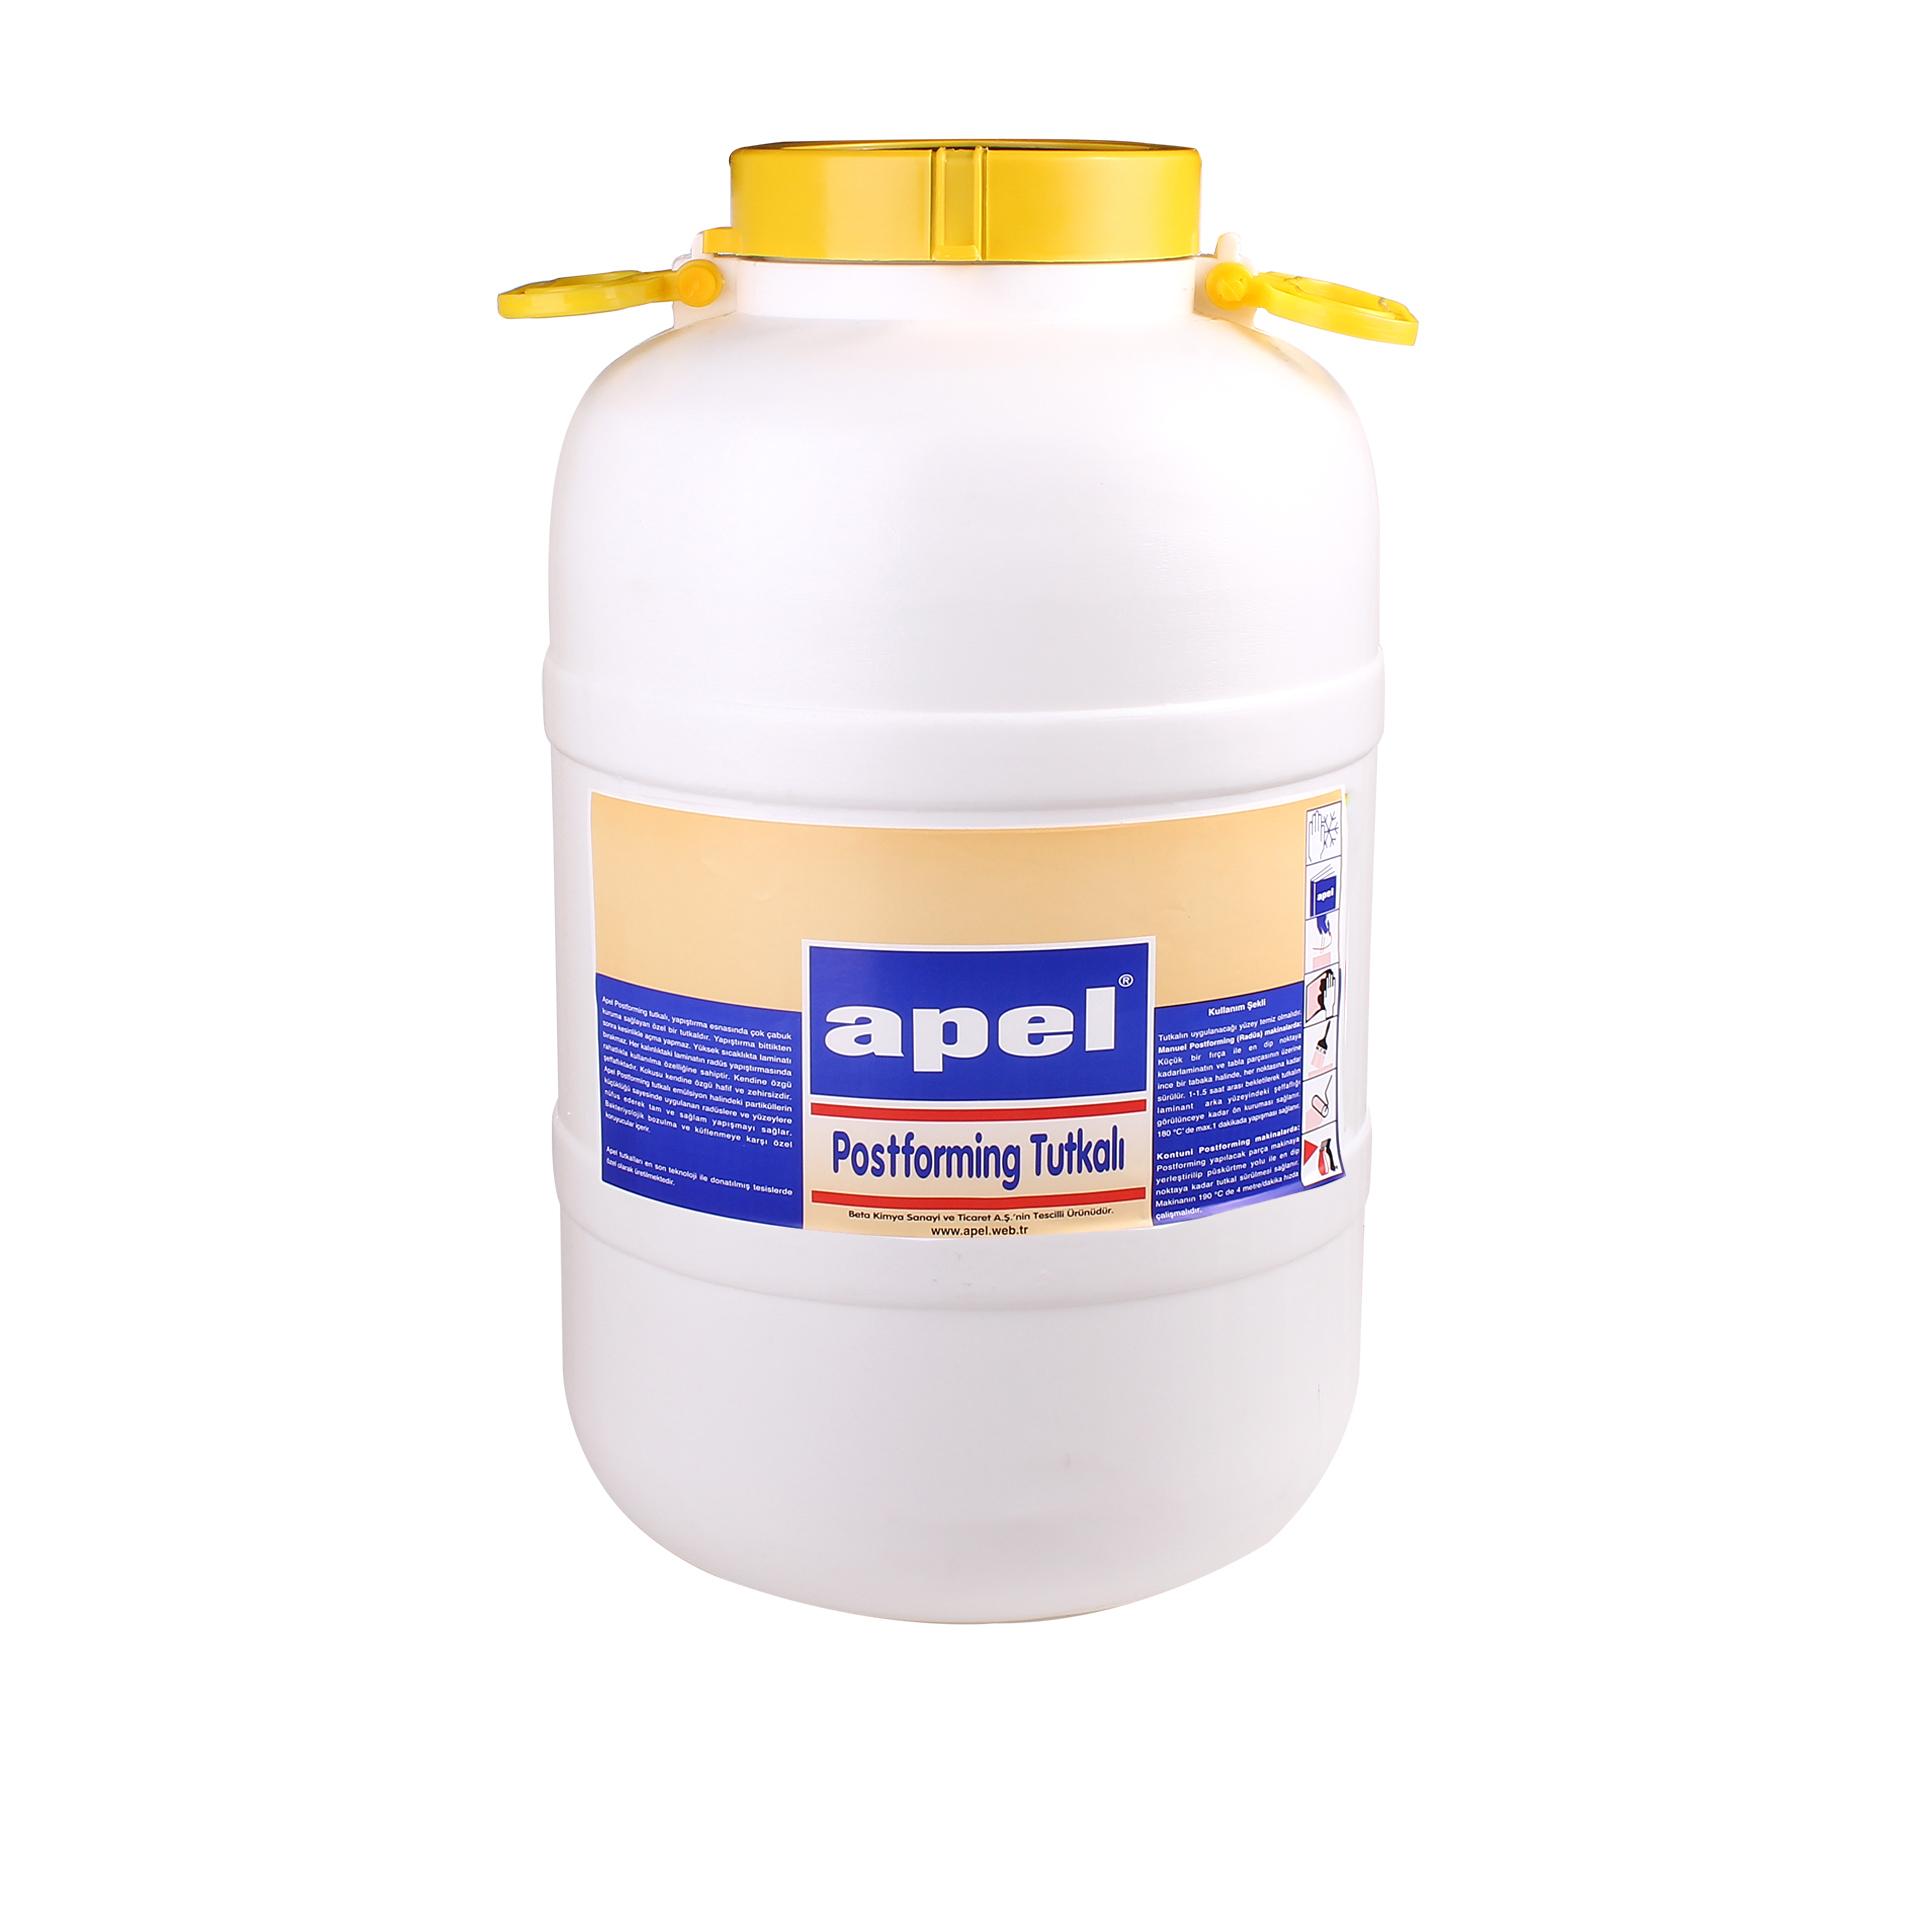 APEL Postforming Glue_2